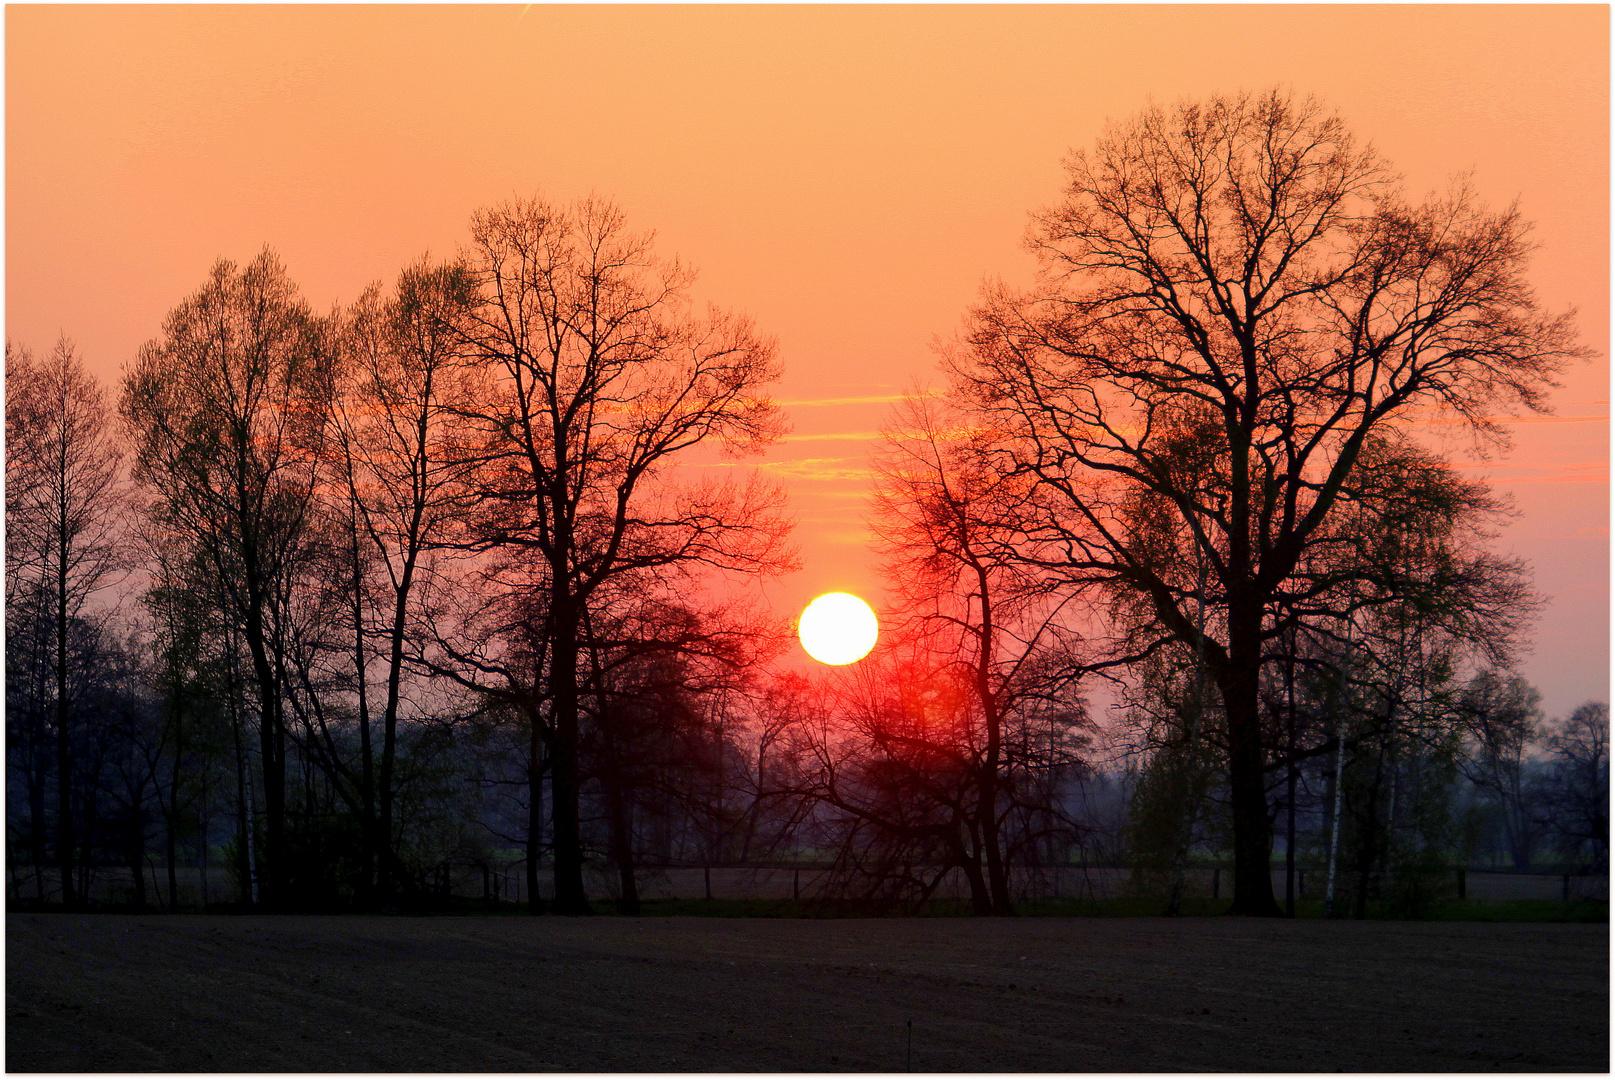 Sonnenuntergang heute, am 24.04.2013, gegen 20:00 Uhr